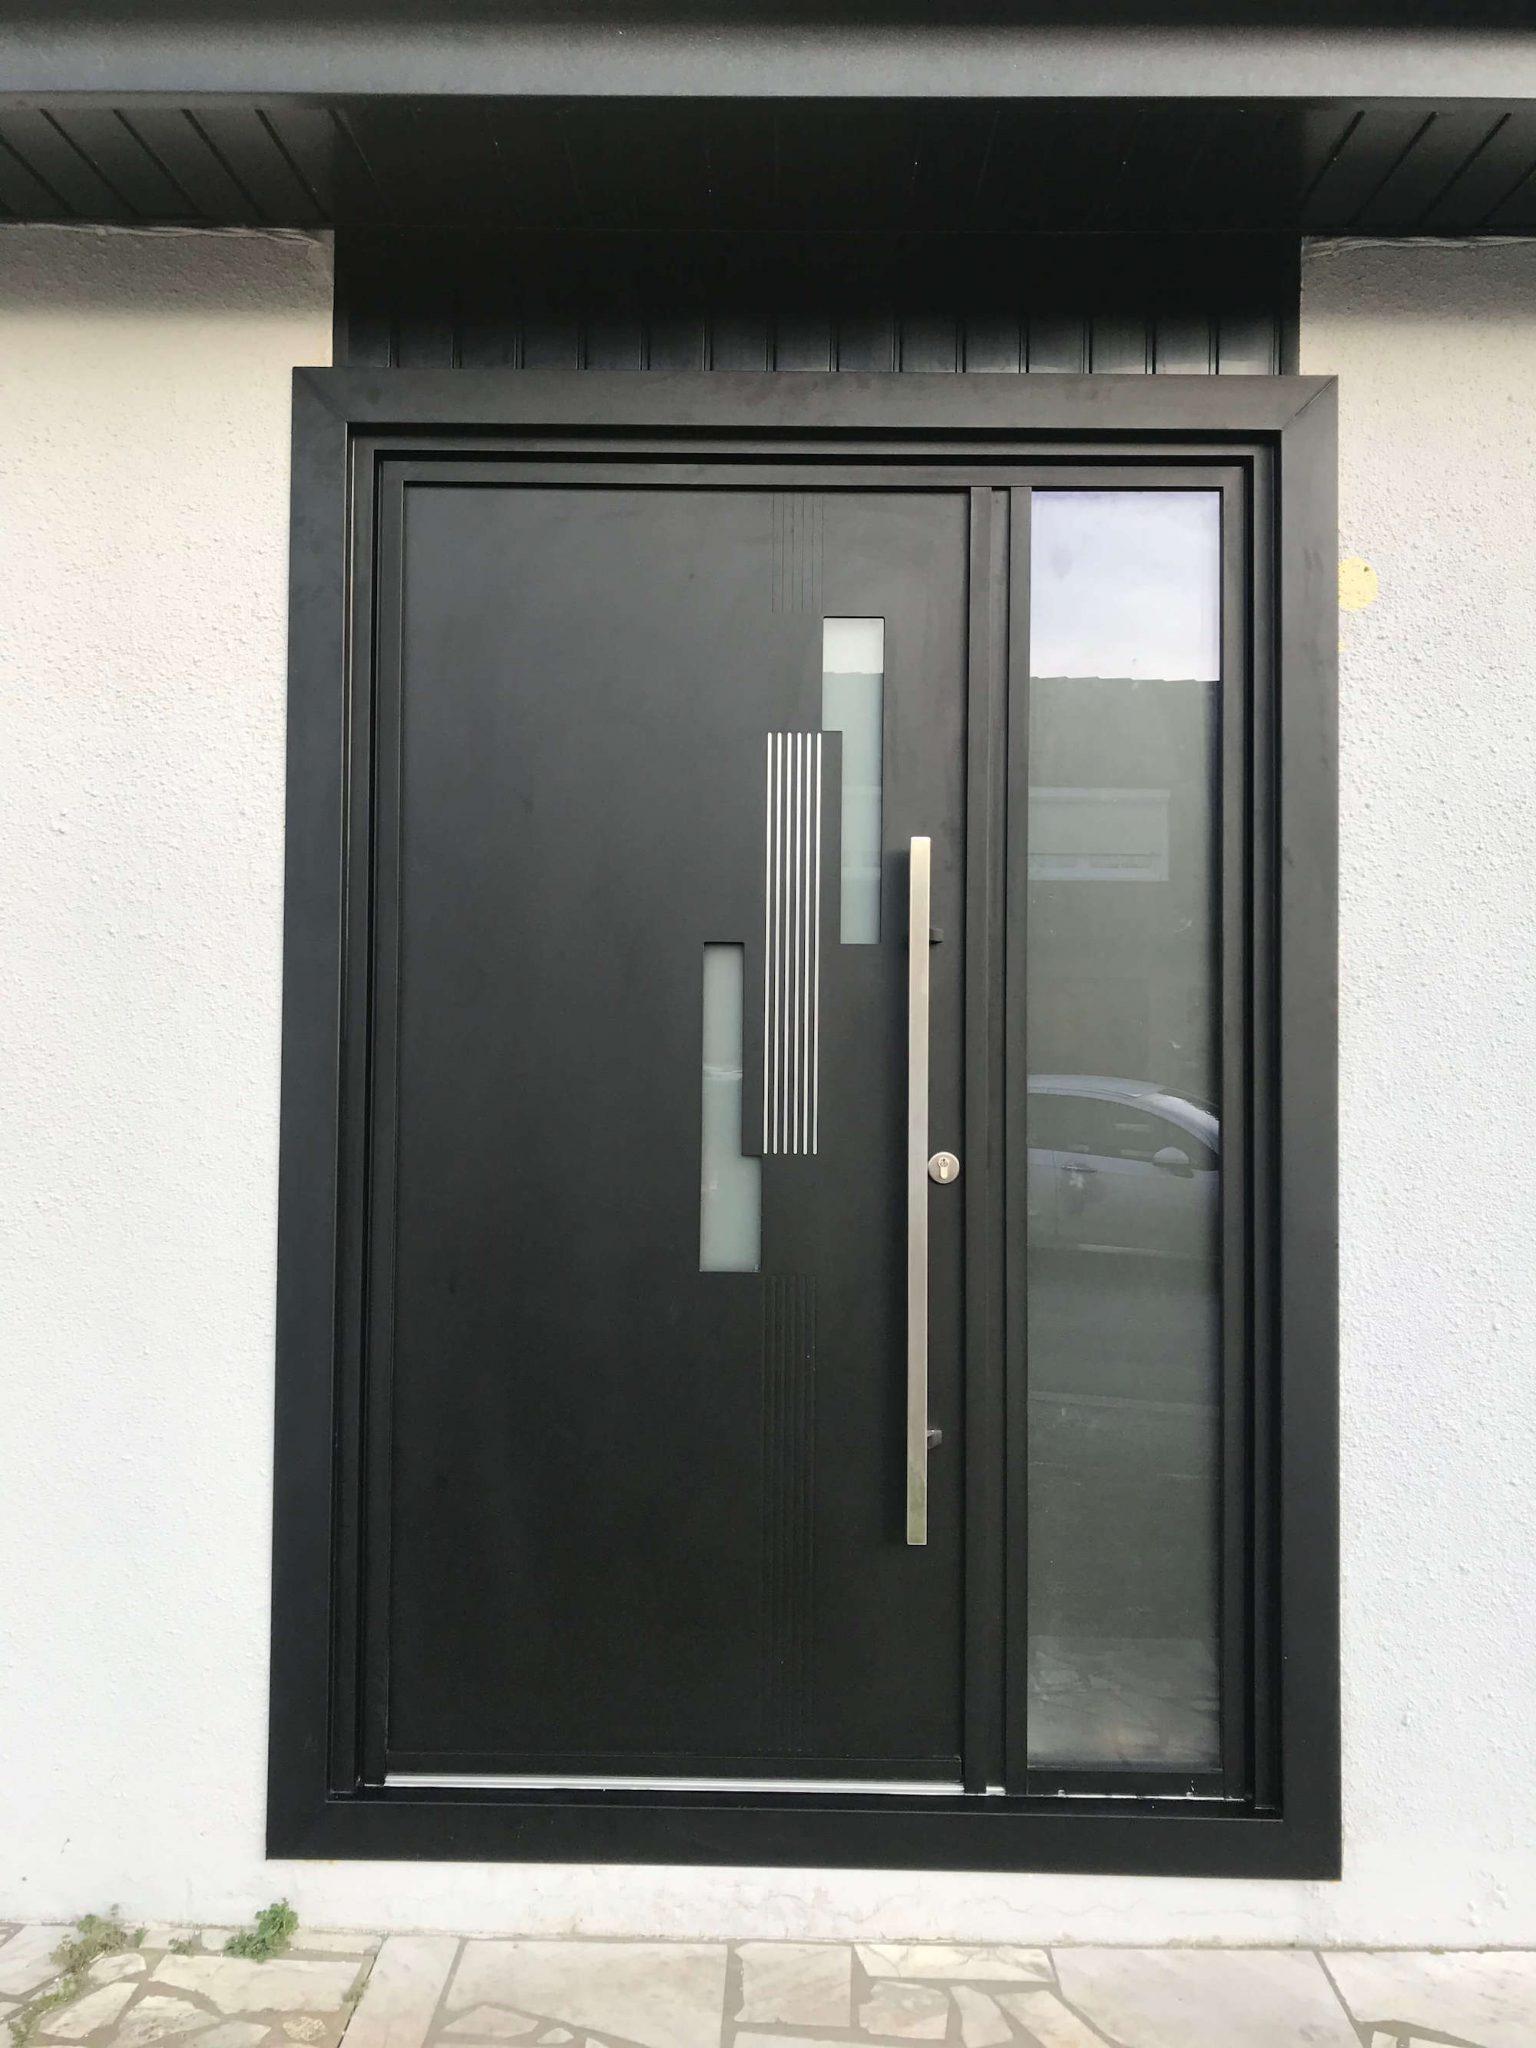 porte d'entrée hazebrouck, porte d'entrée pvc, porte d'entrée alu, porte d'entrée merville, porte d'entrée lille, porte d'entrée béthune, porte d'entrée lillers, porte d'entrée armentières, porte pvc